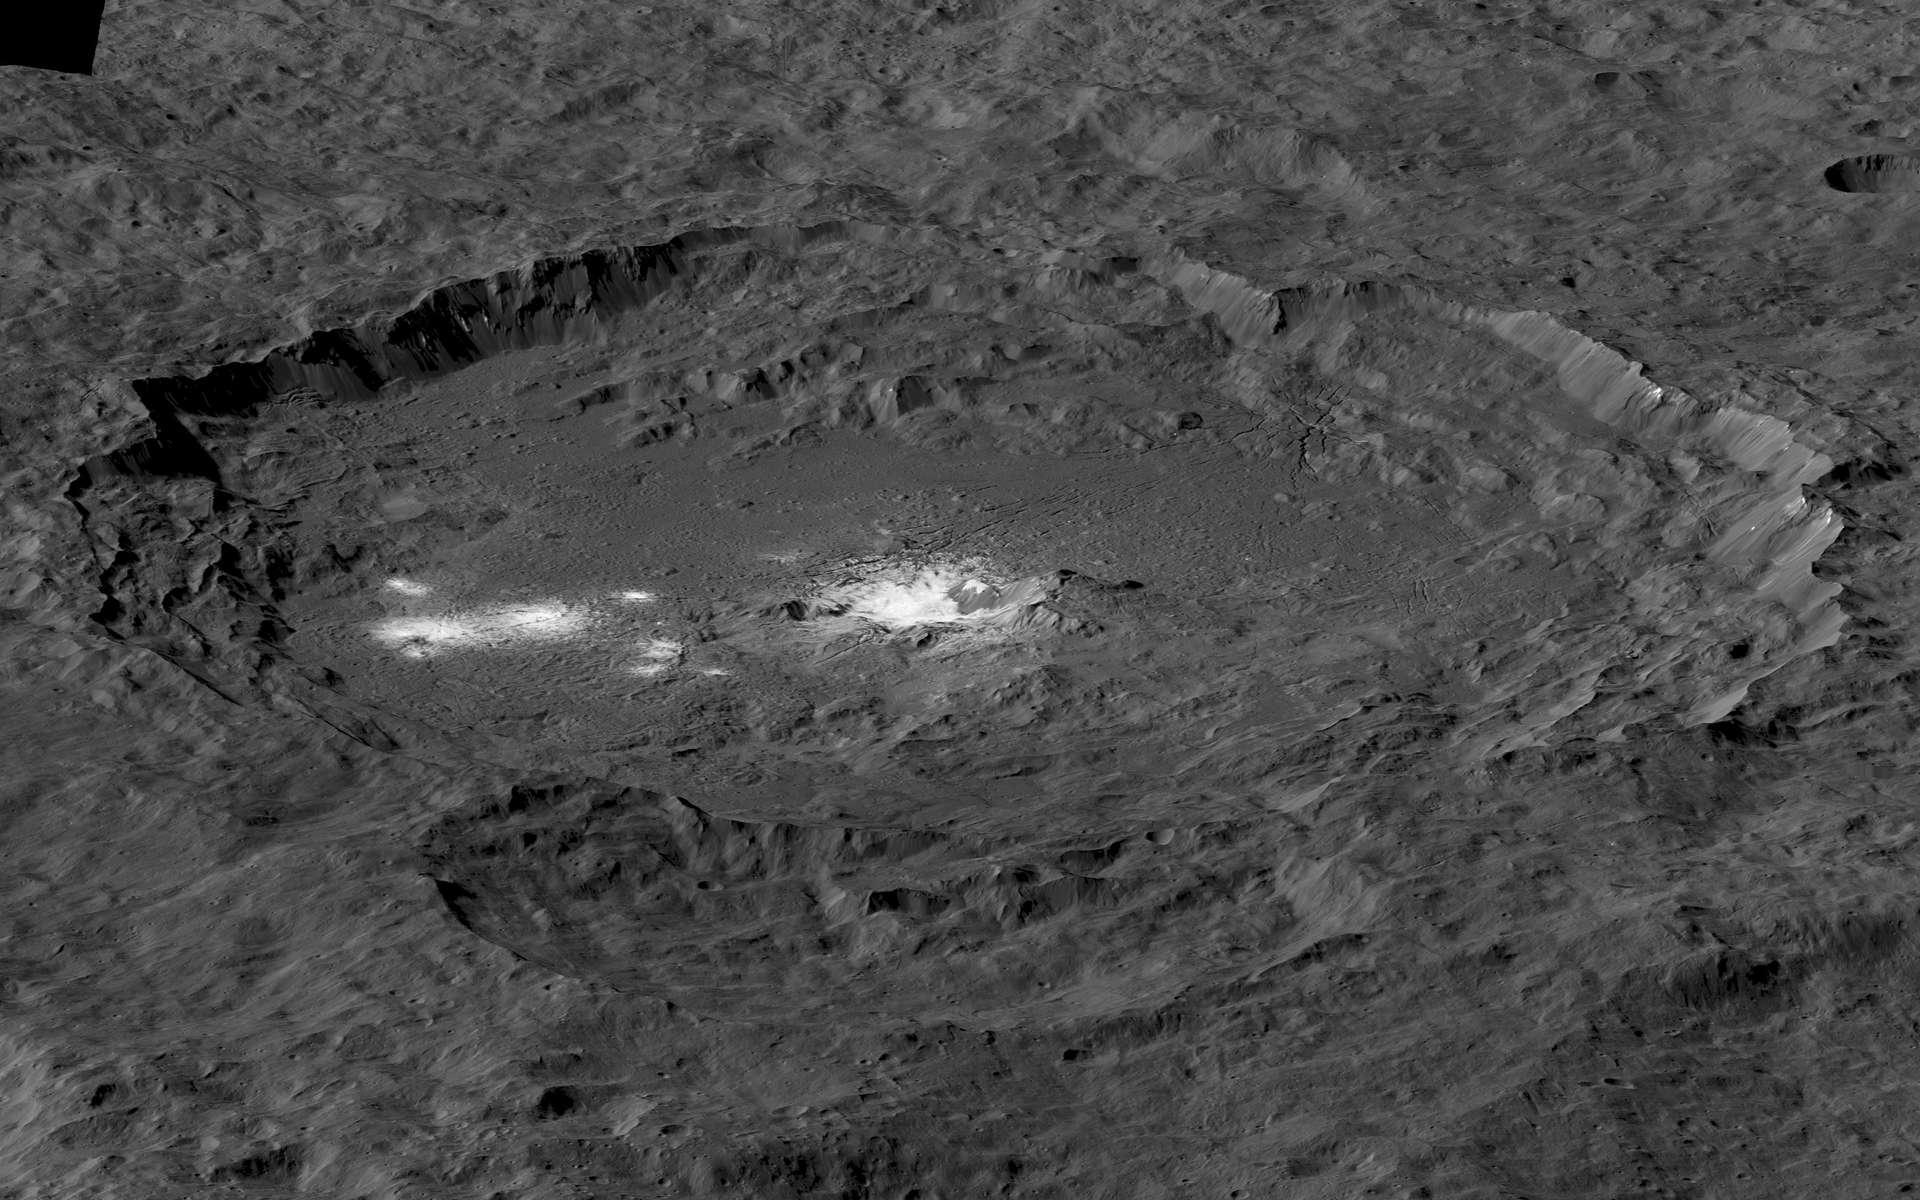 Superbe vue d'ensemble du cratère Occator. Au centre, les fameuses taches blanches. Cliquez ici pour obtenir l'image en haute résolution. © Nasa, JPL-Caltech, UCLA, MPS, DLR, IDA